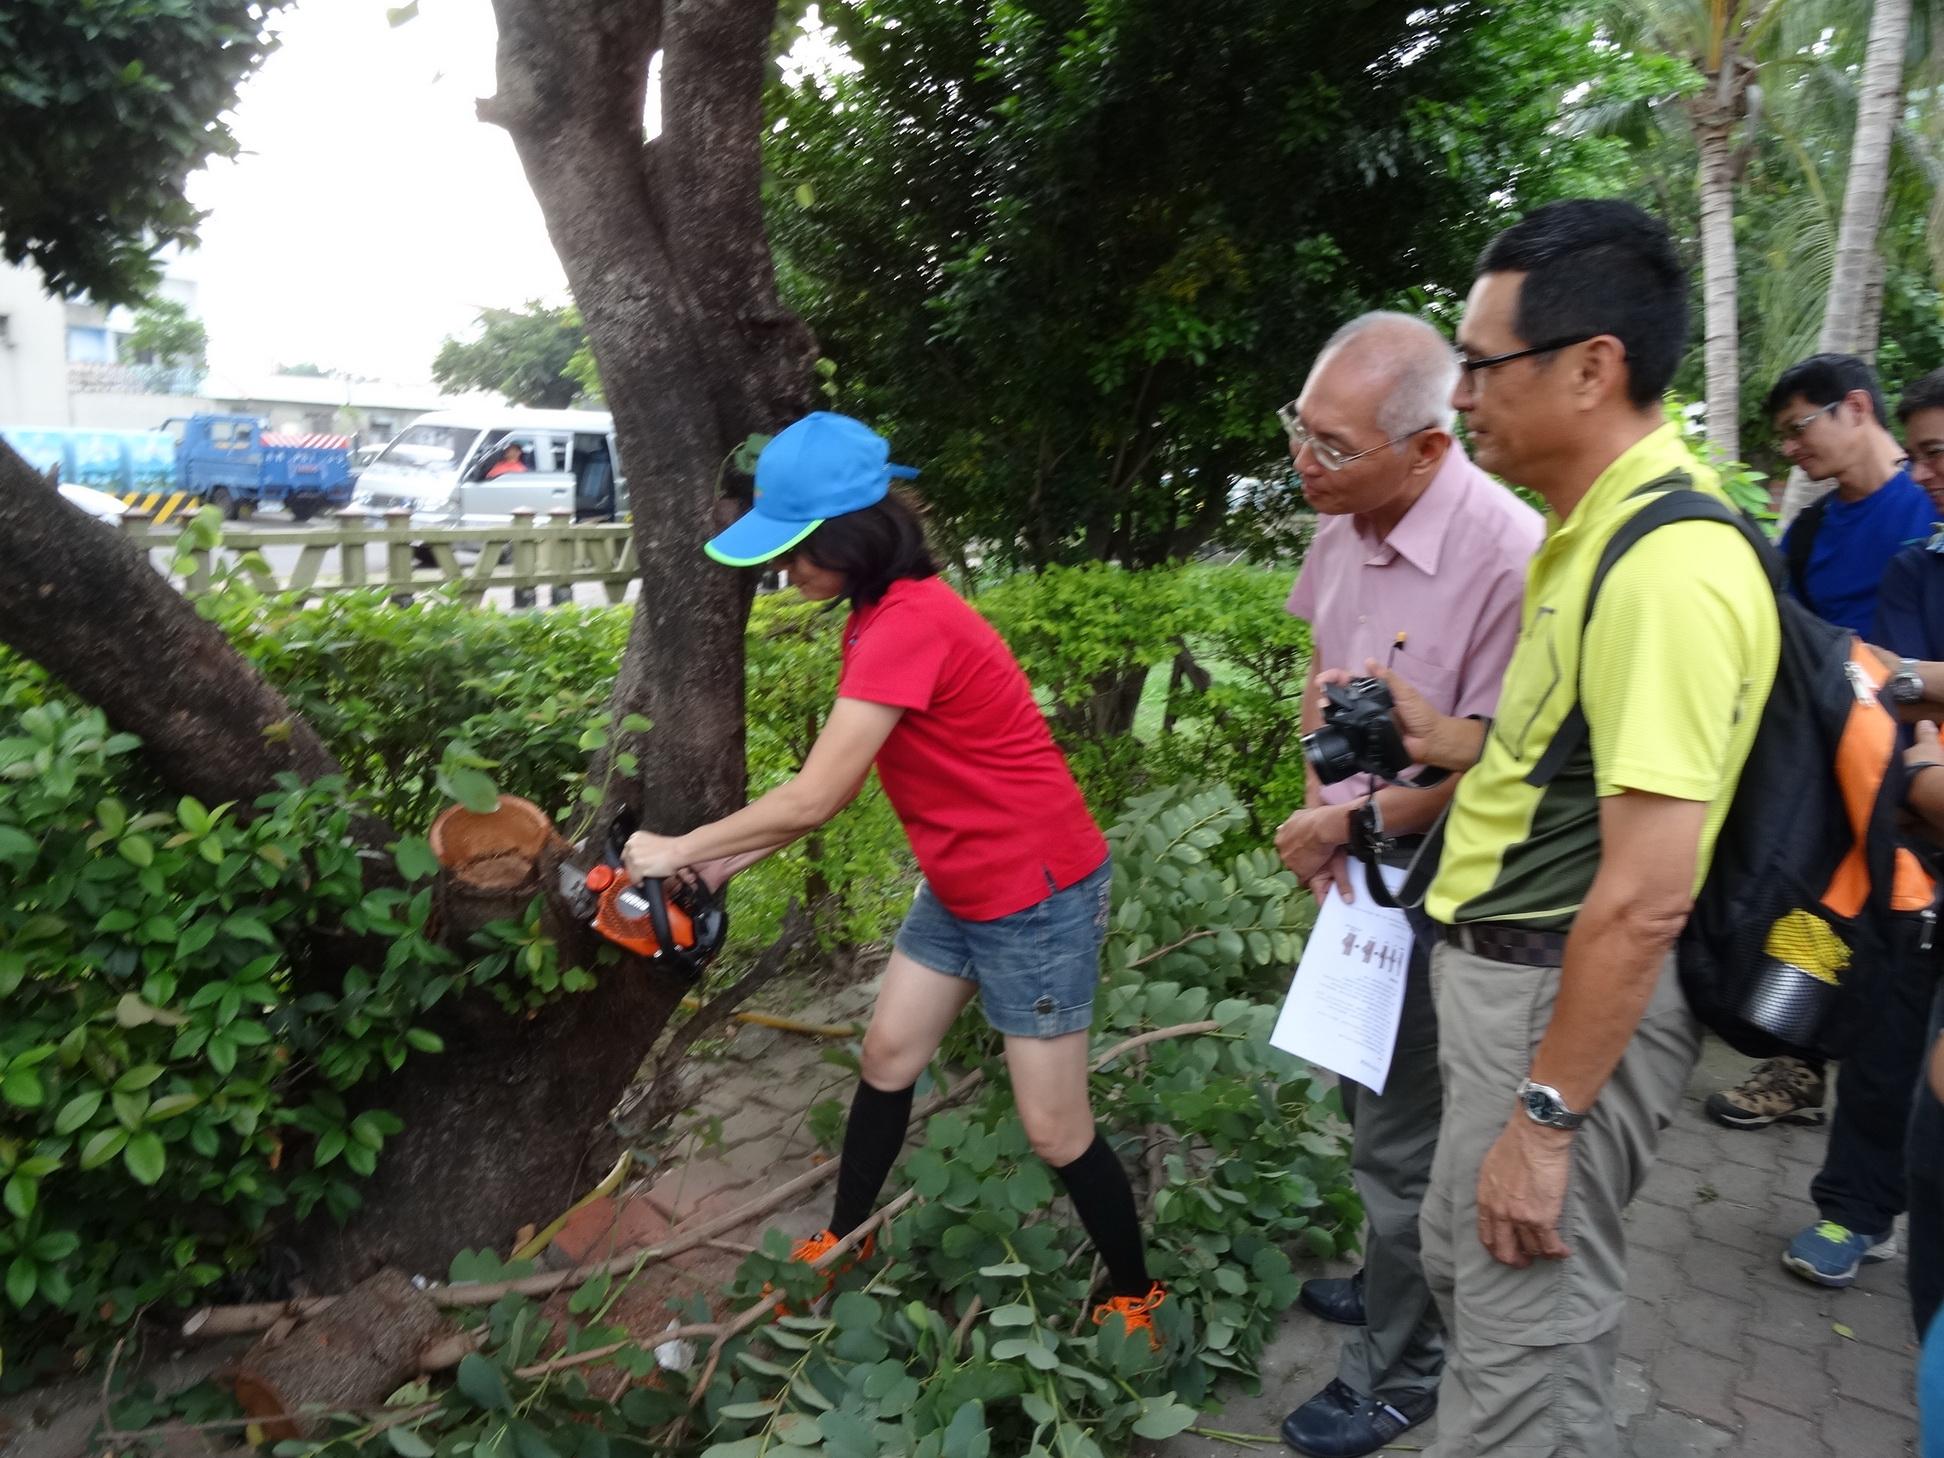 社區環境好品質 樹木修剪當吉時